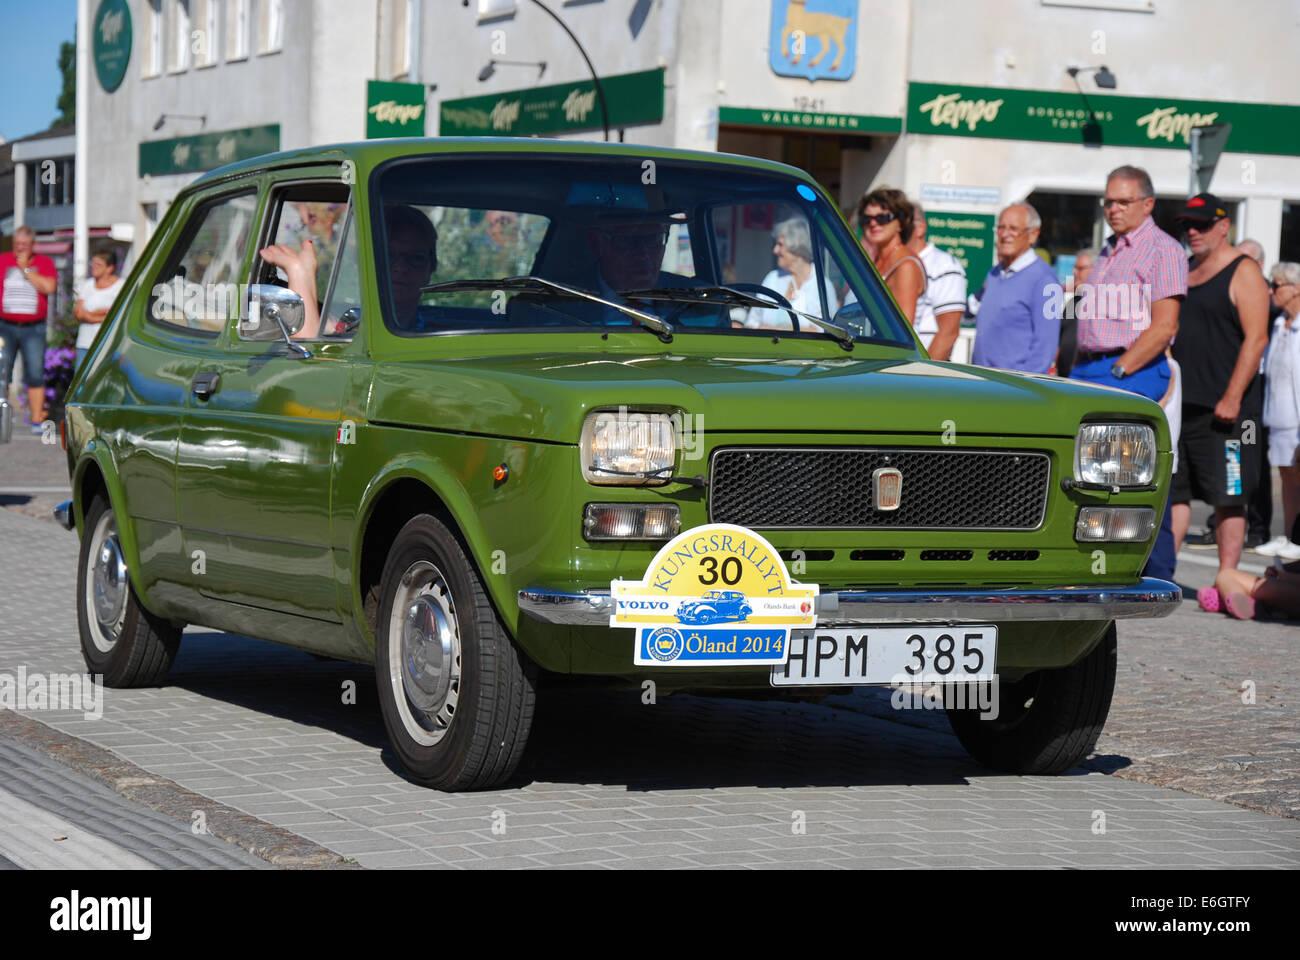 Fiat fiat 127 : Fiat 127 (1975) in oldtimer car rally Stock Photo: 72899903 - Alamy